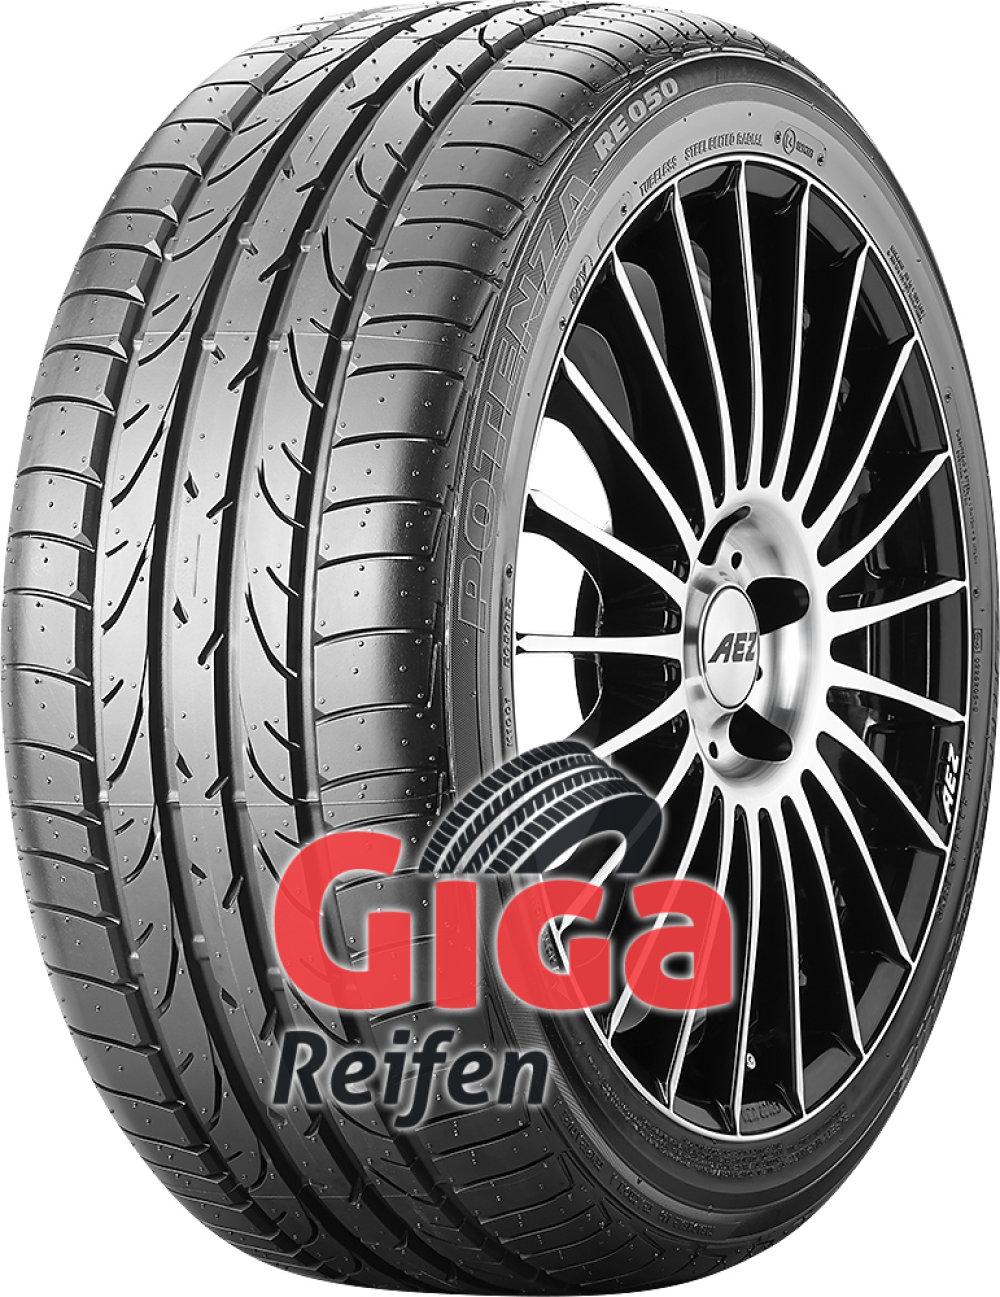 Bridgestone Potenza RE 050 EXT ( 265/40 R18 97Y MOE, runflat, mit Felgenschutz (MFS) )